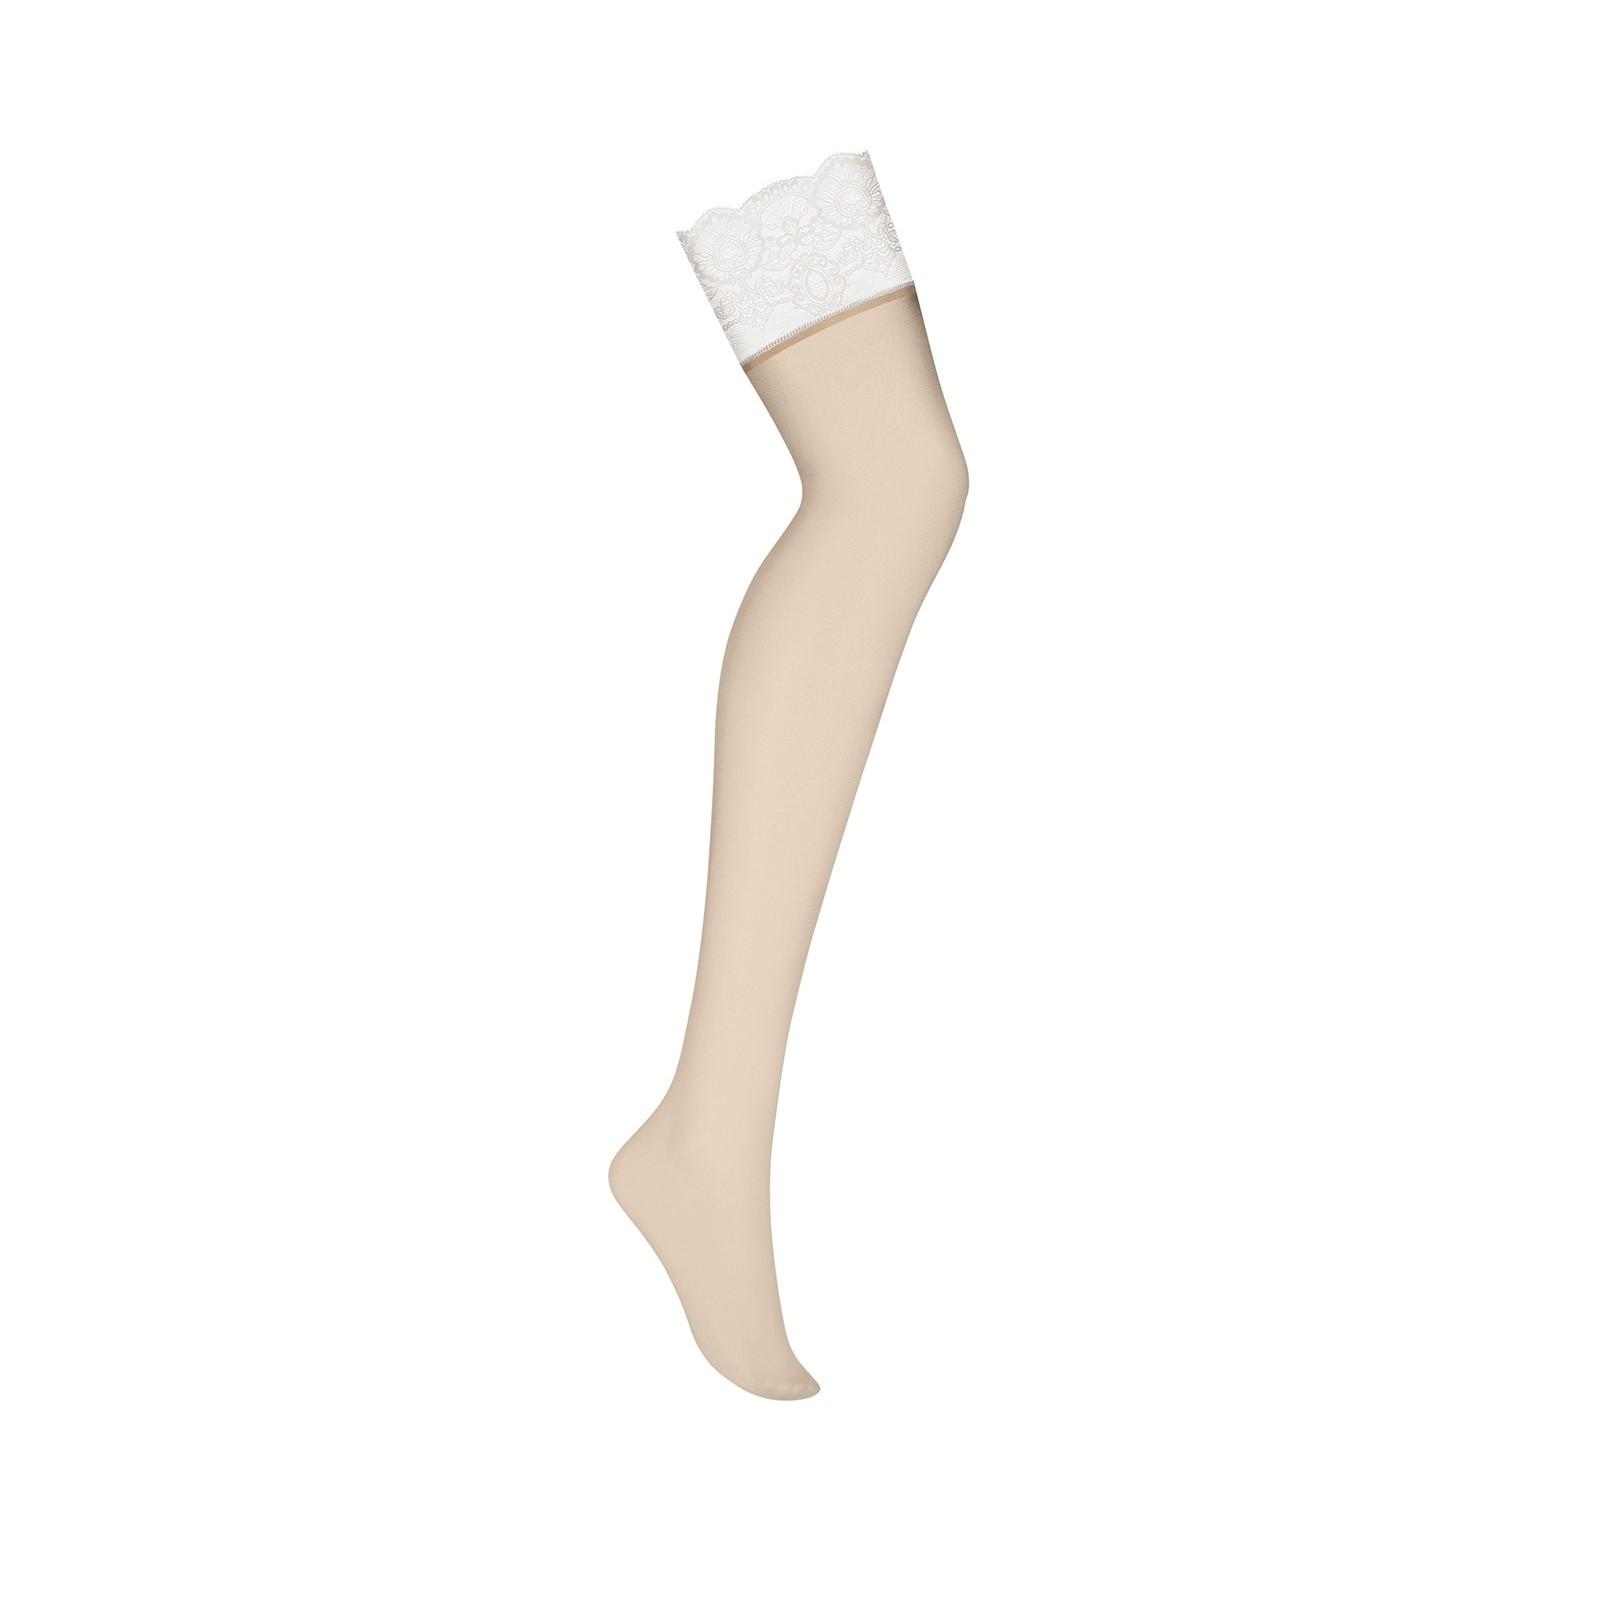 853-STO-2 Stockings weiß - 5 - Vorschaubild